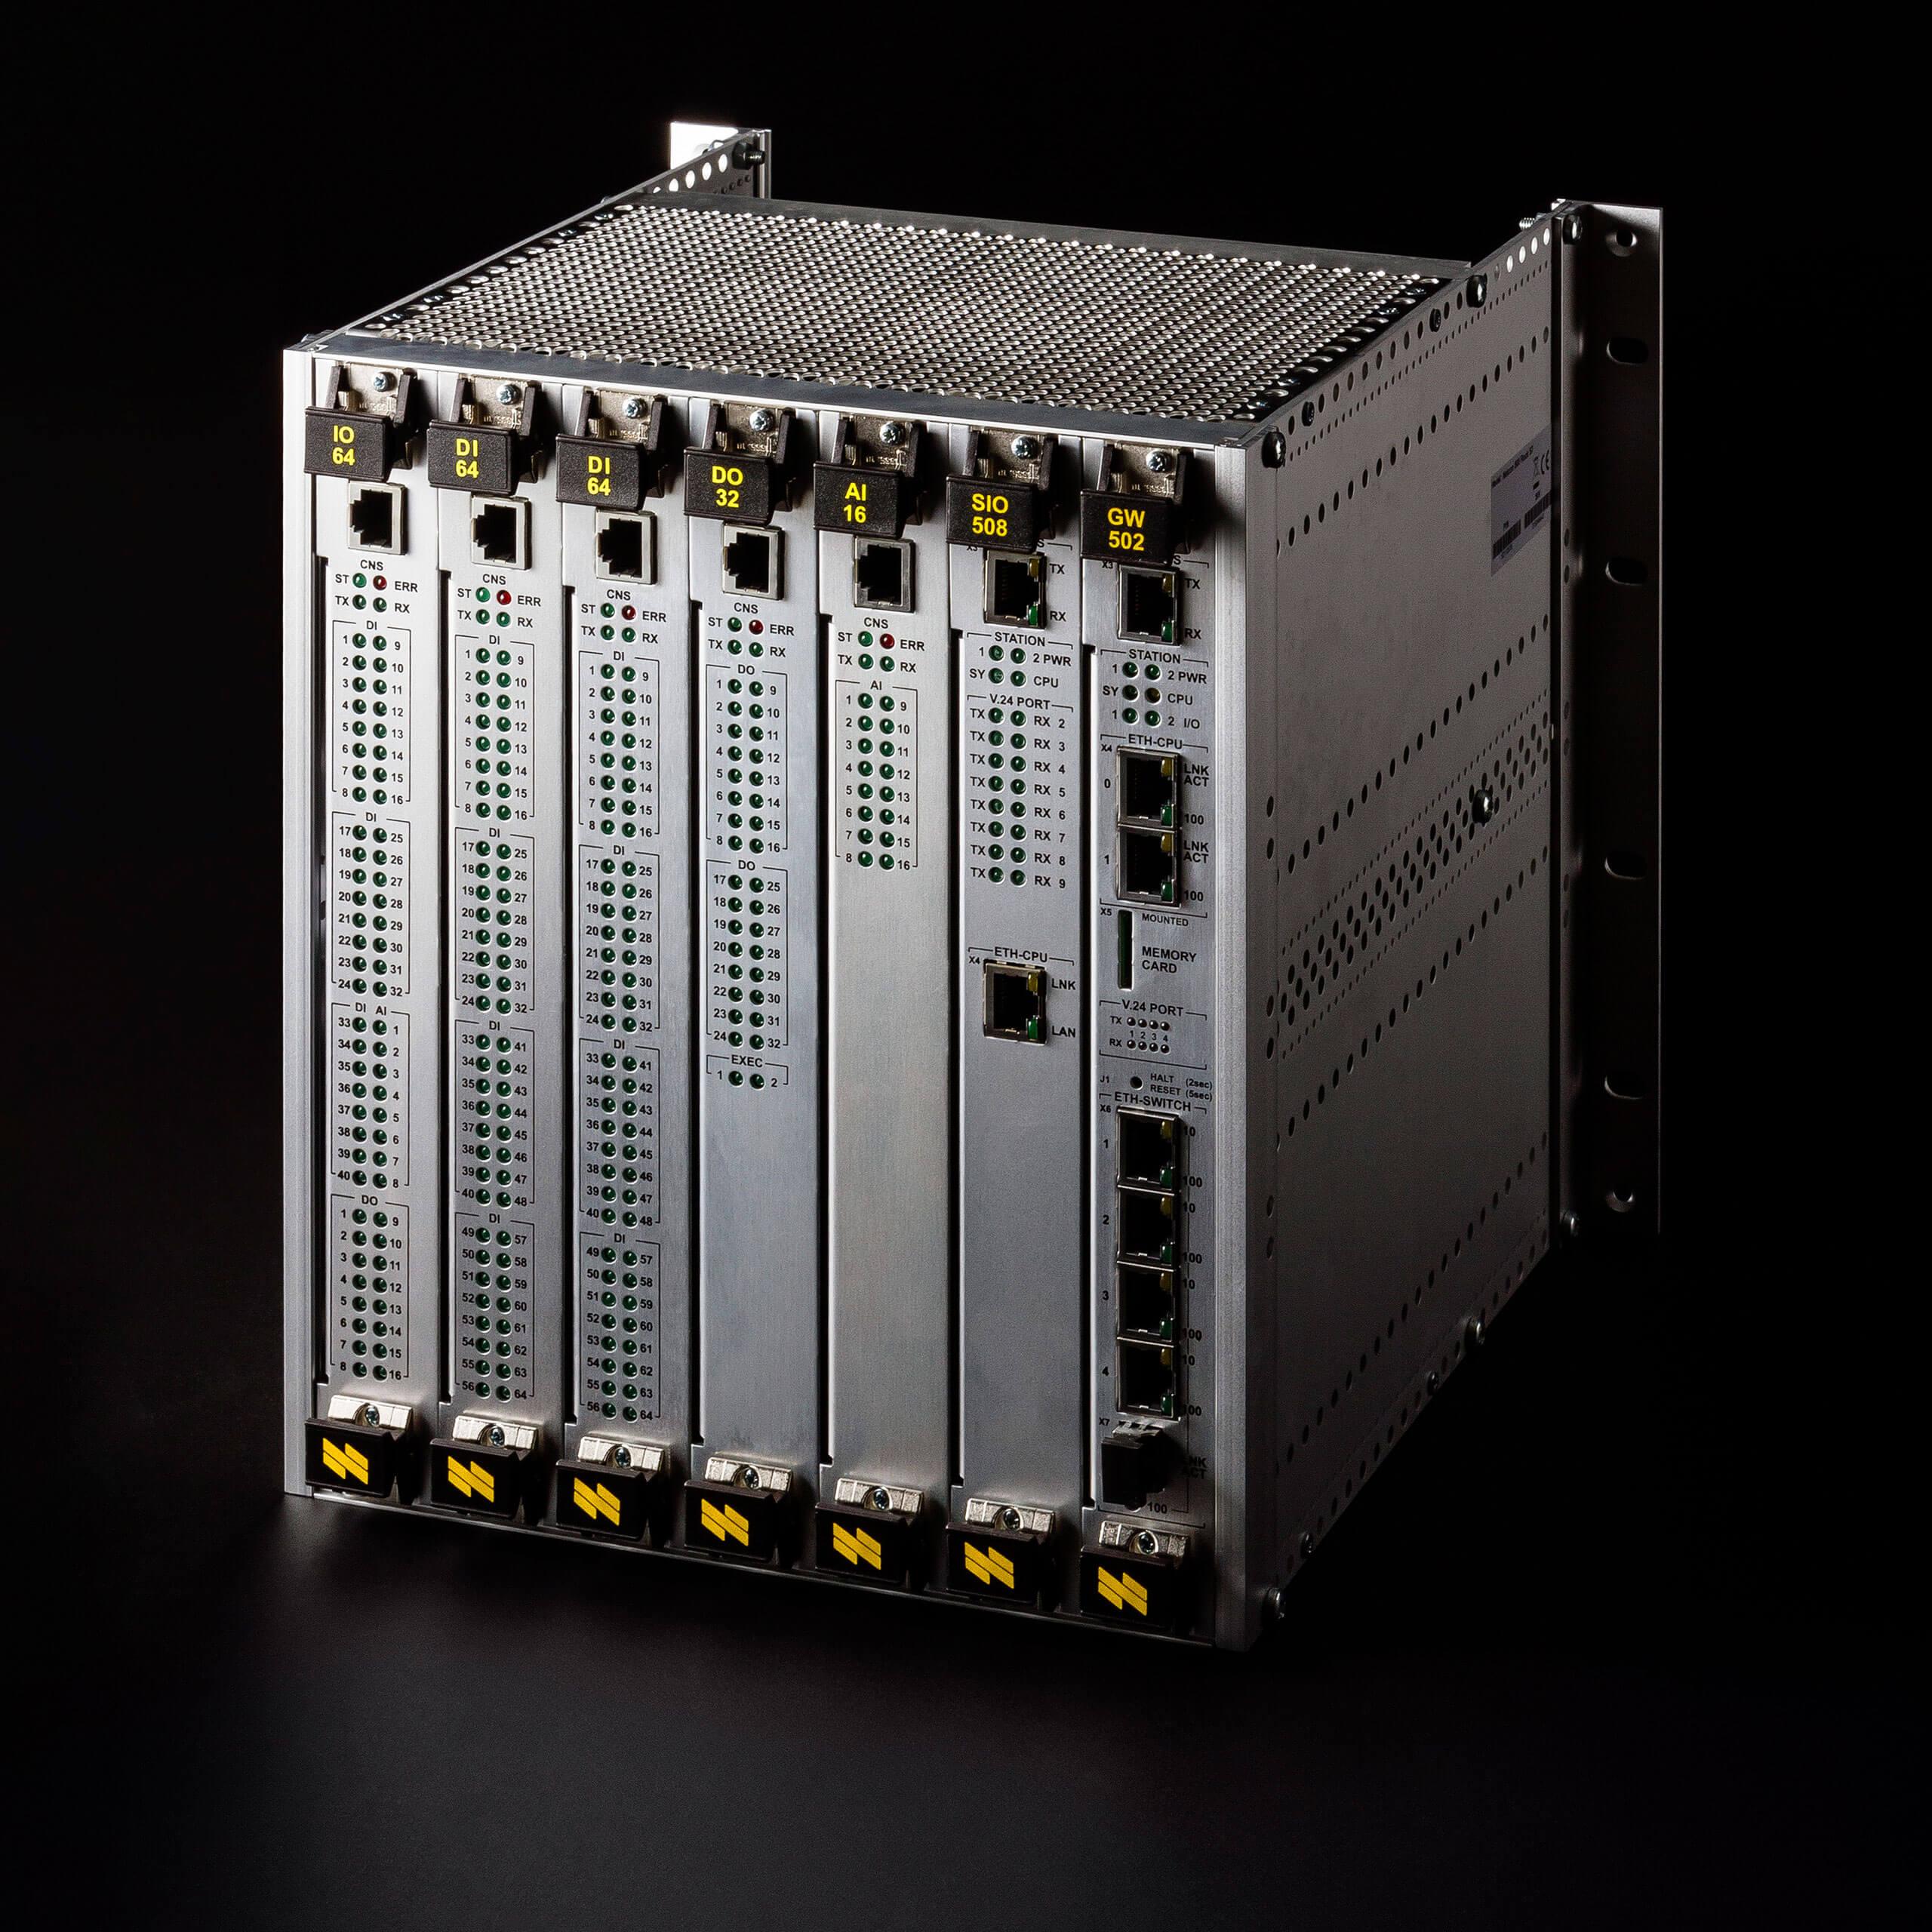 Netcon 500 Rack S7